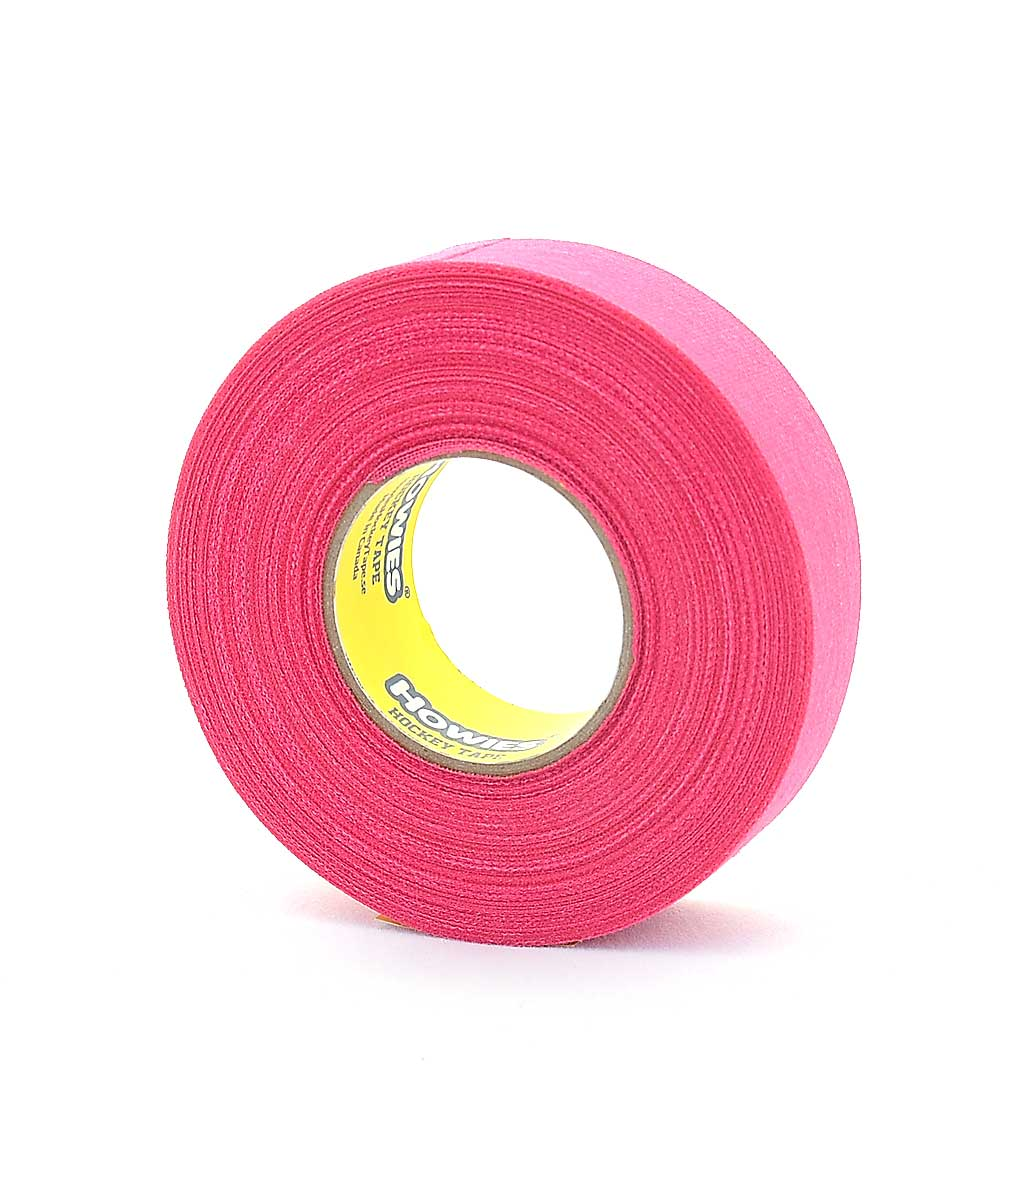 Pinkki Väri